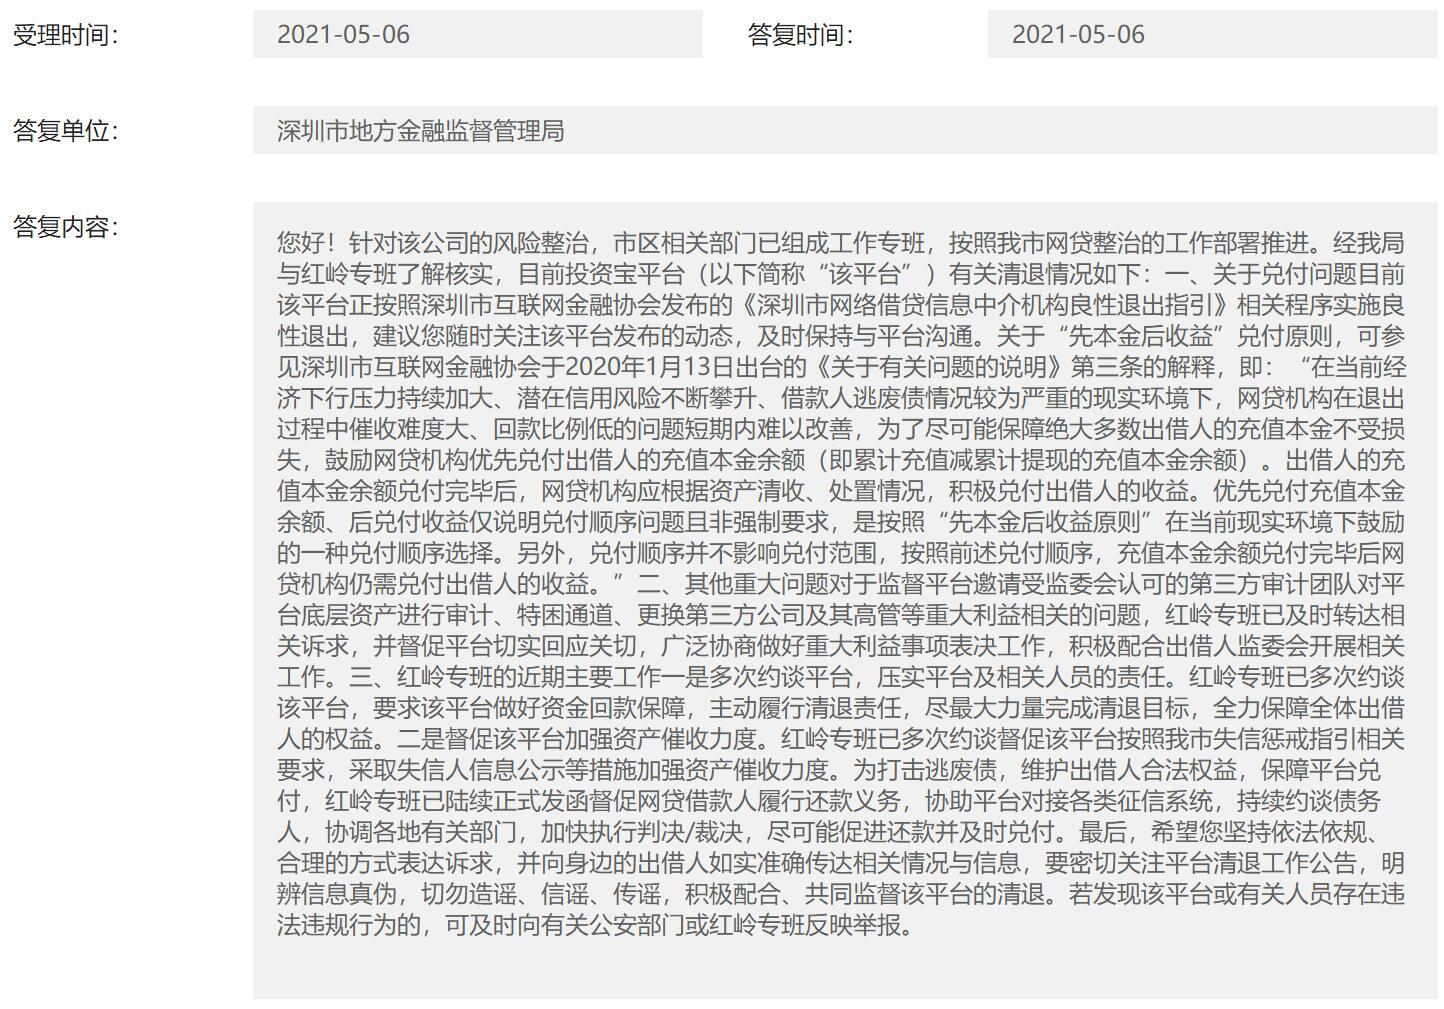 深圳监管发文:红岭创投被多次约谈要求履行清退责任